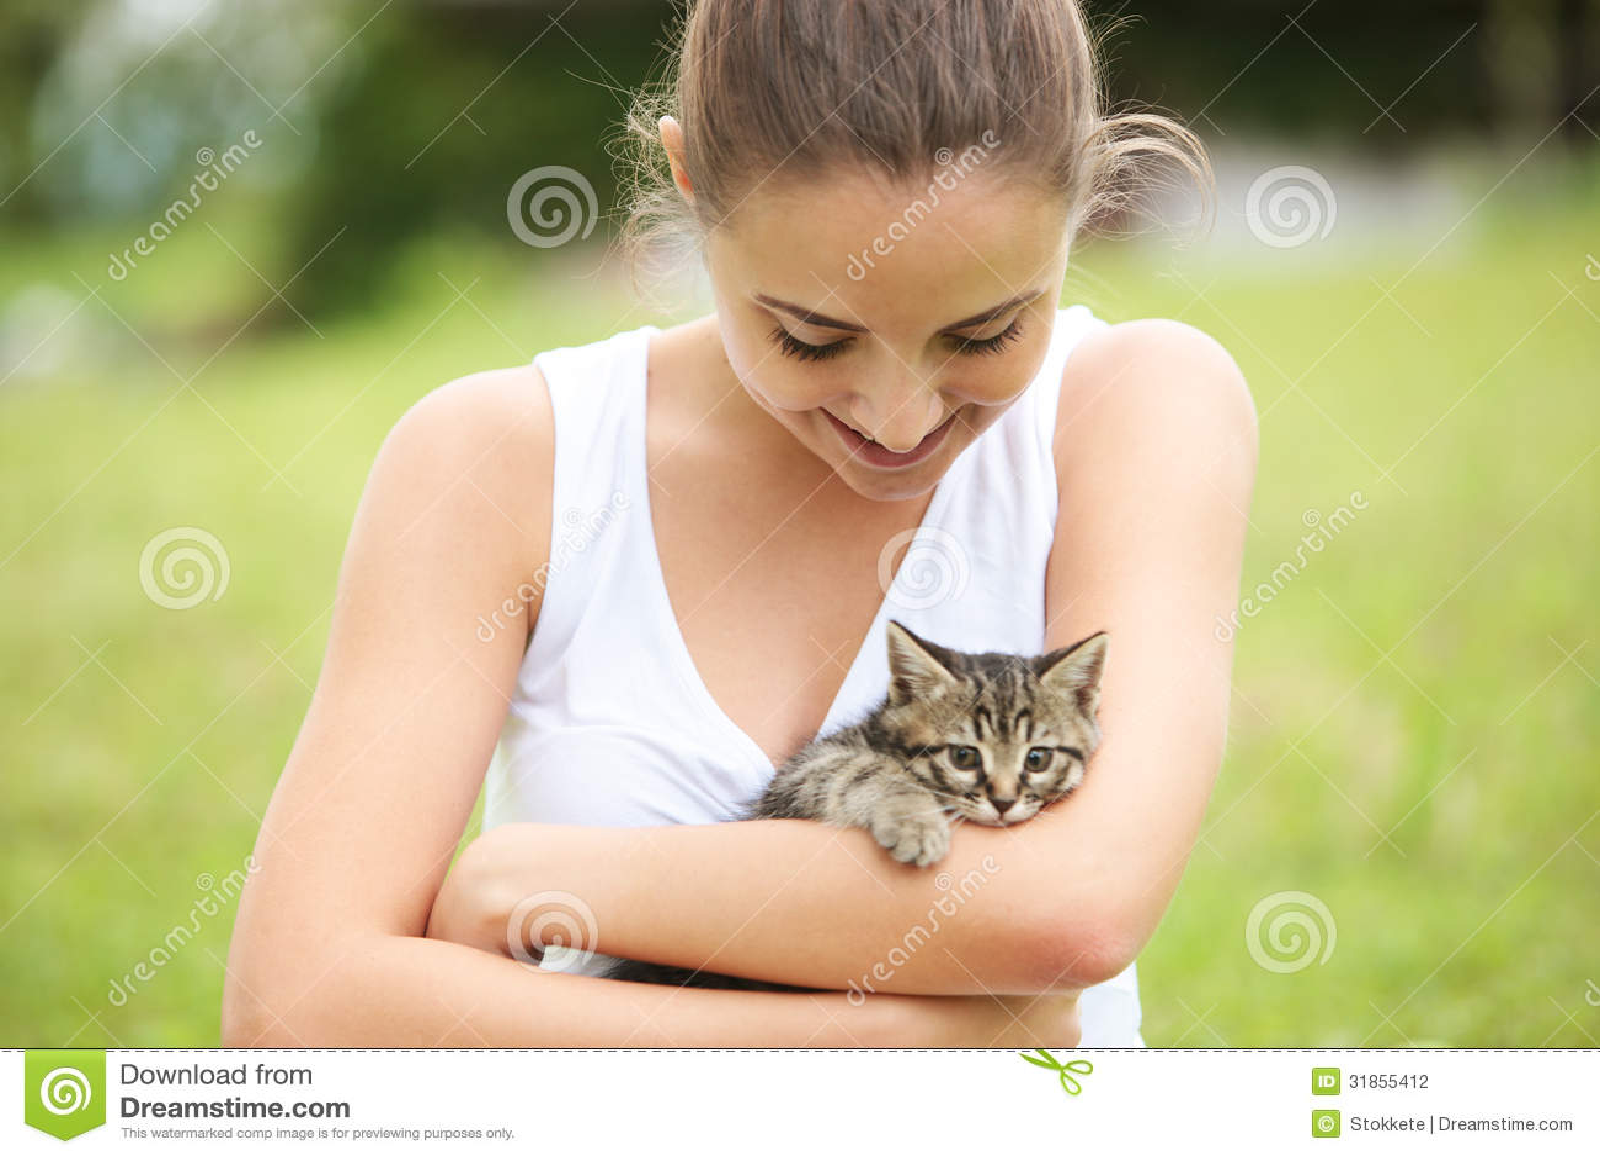 how to love my kitten